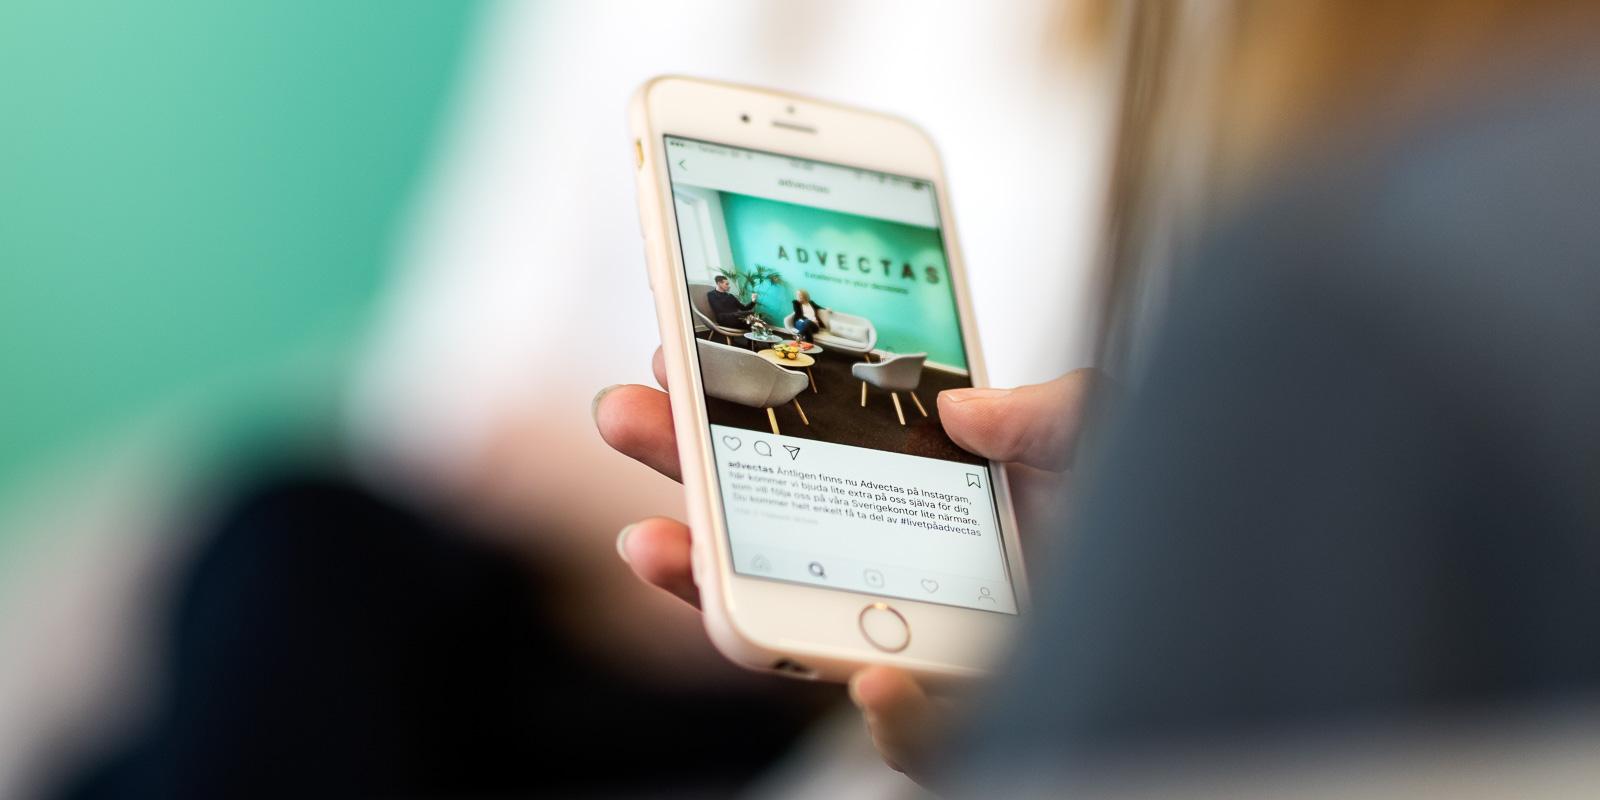 Mobiltelefon med Advectas instagramflöde